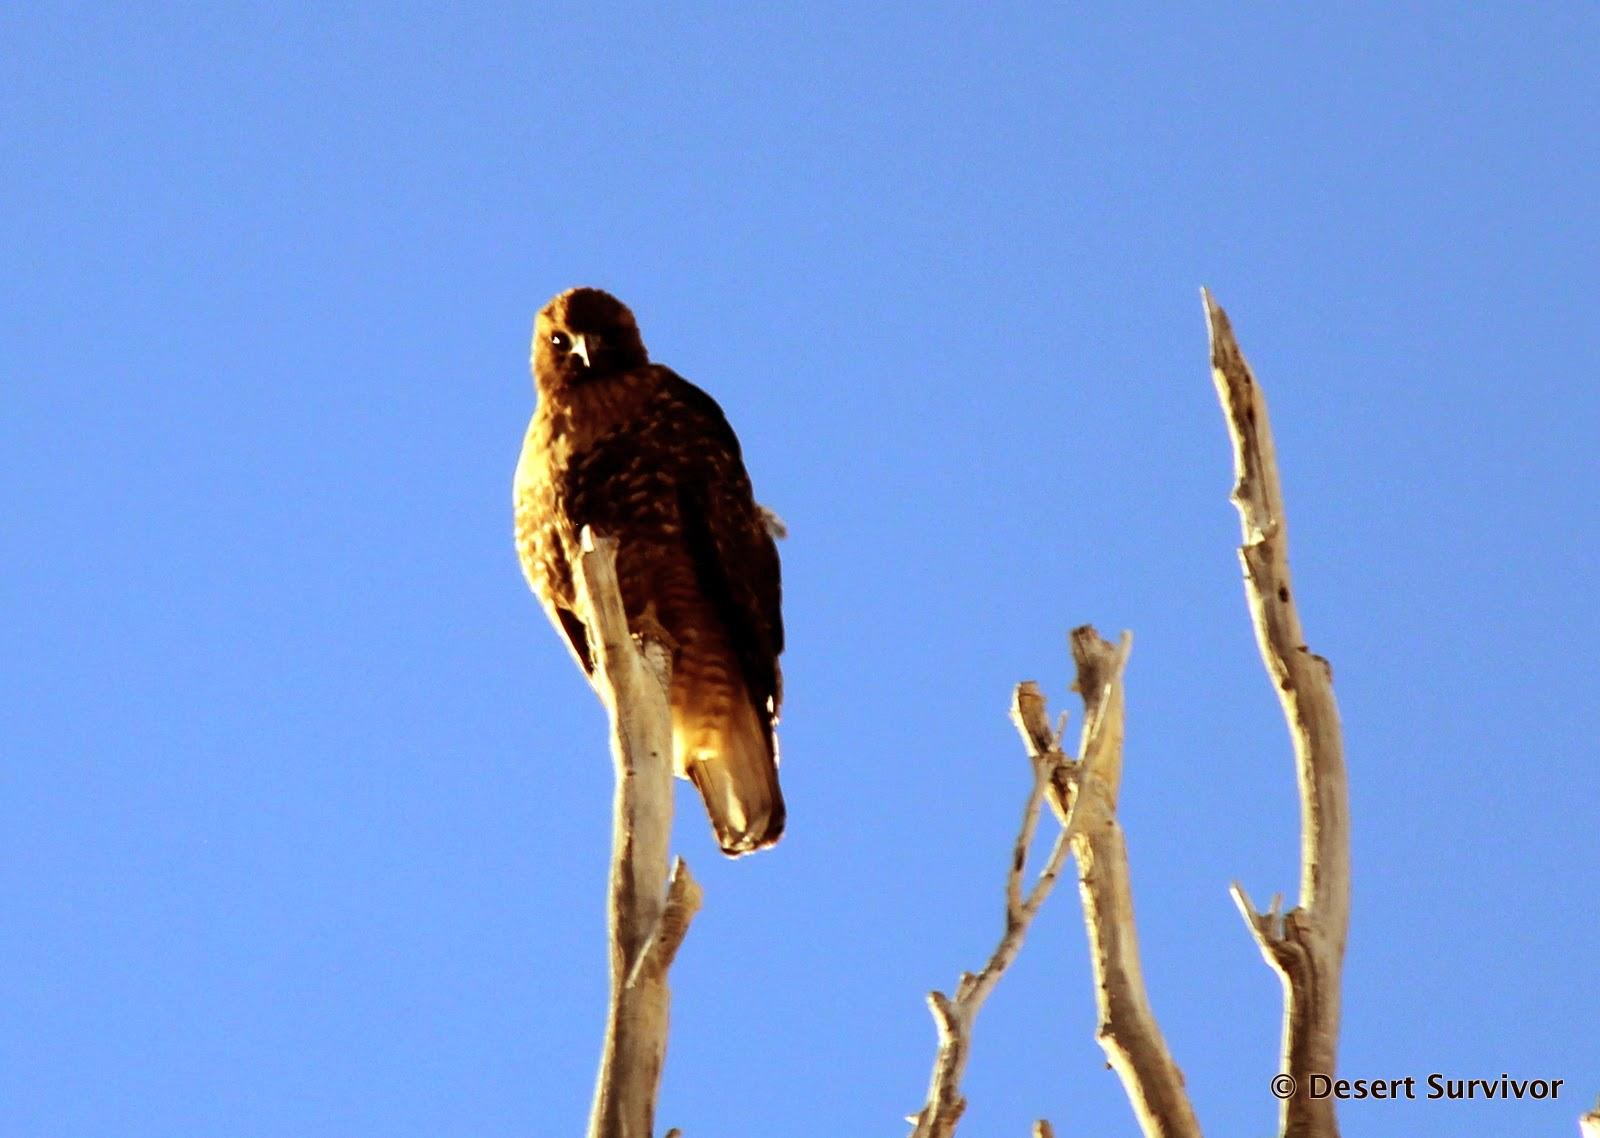 Survivor birds